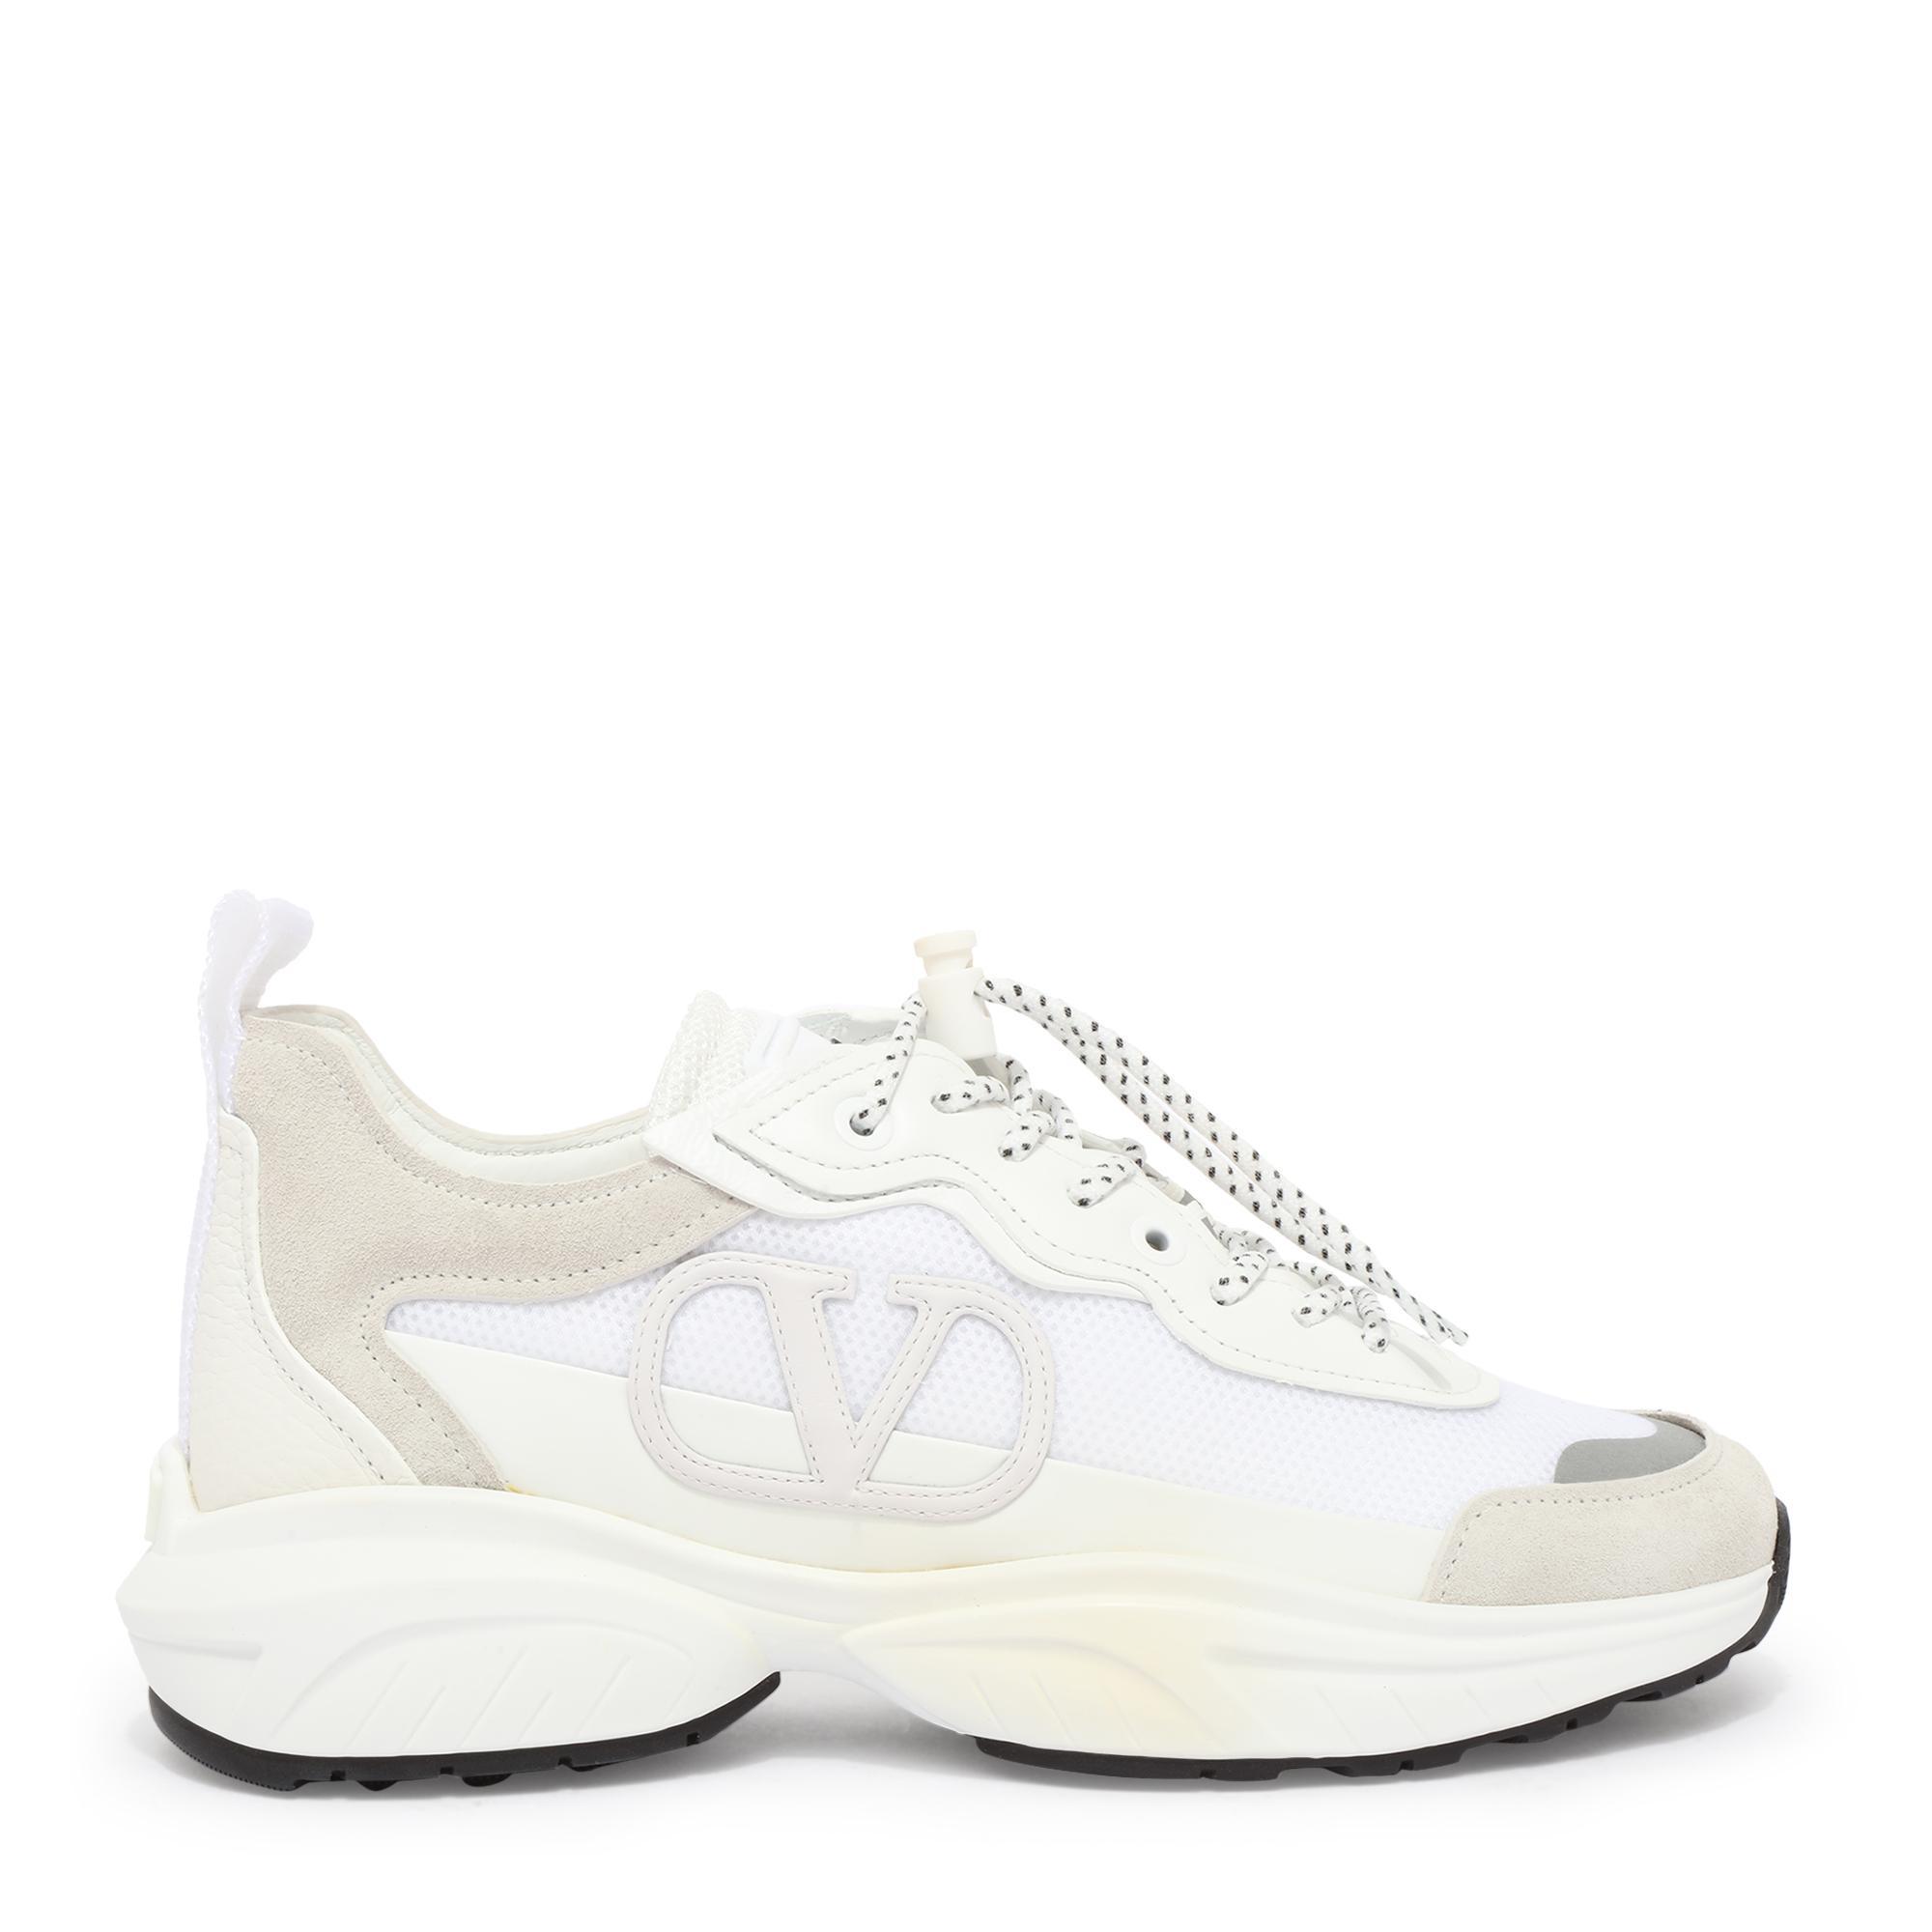 Shegoes sneakers